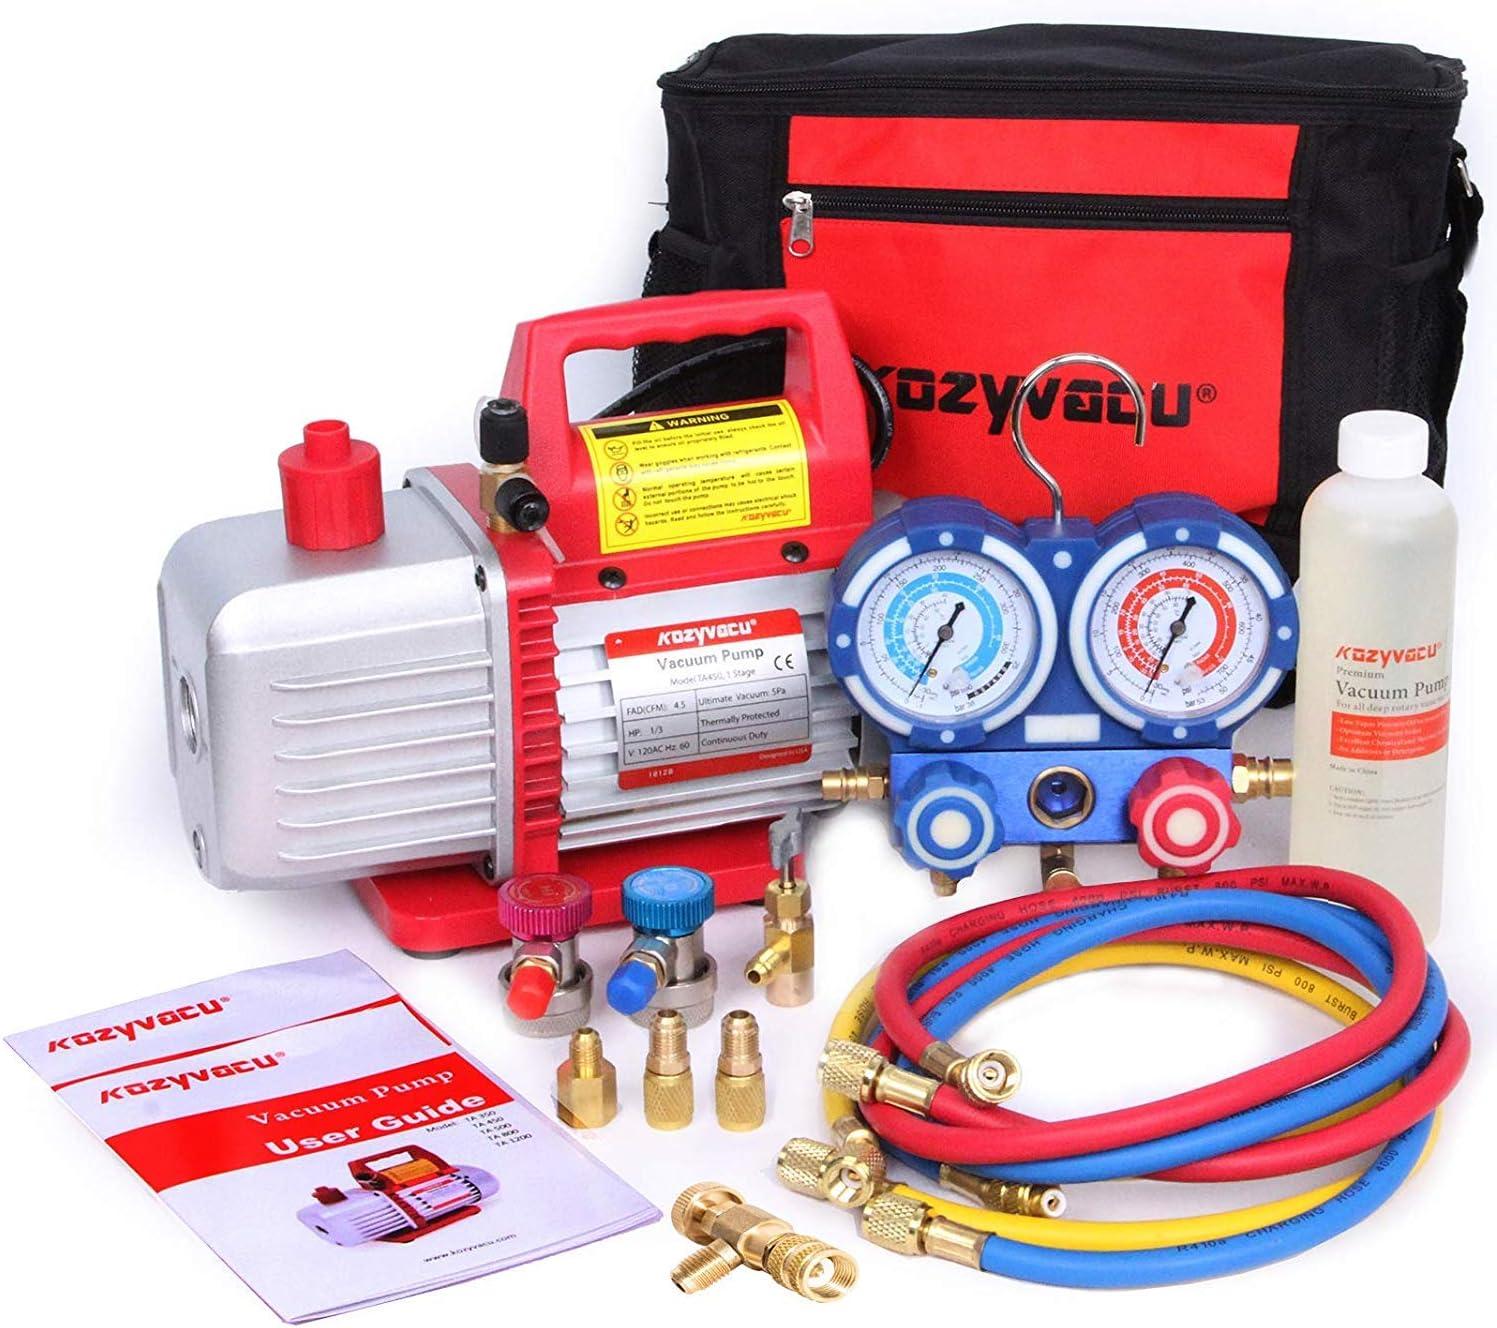 Kozyvacu Mini AC Repair Tool Kit